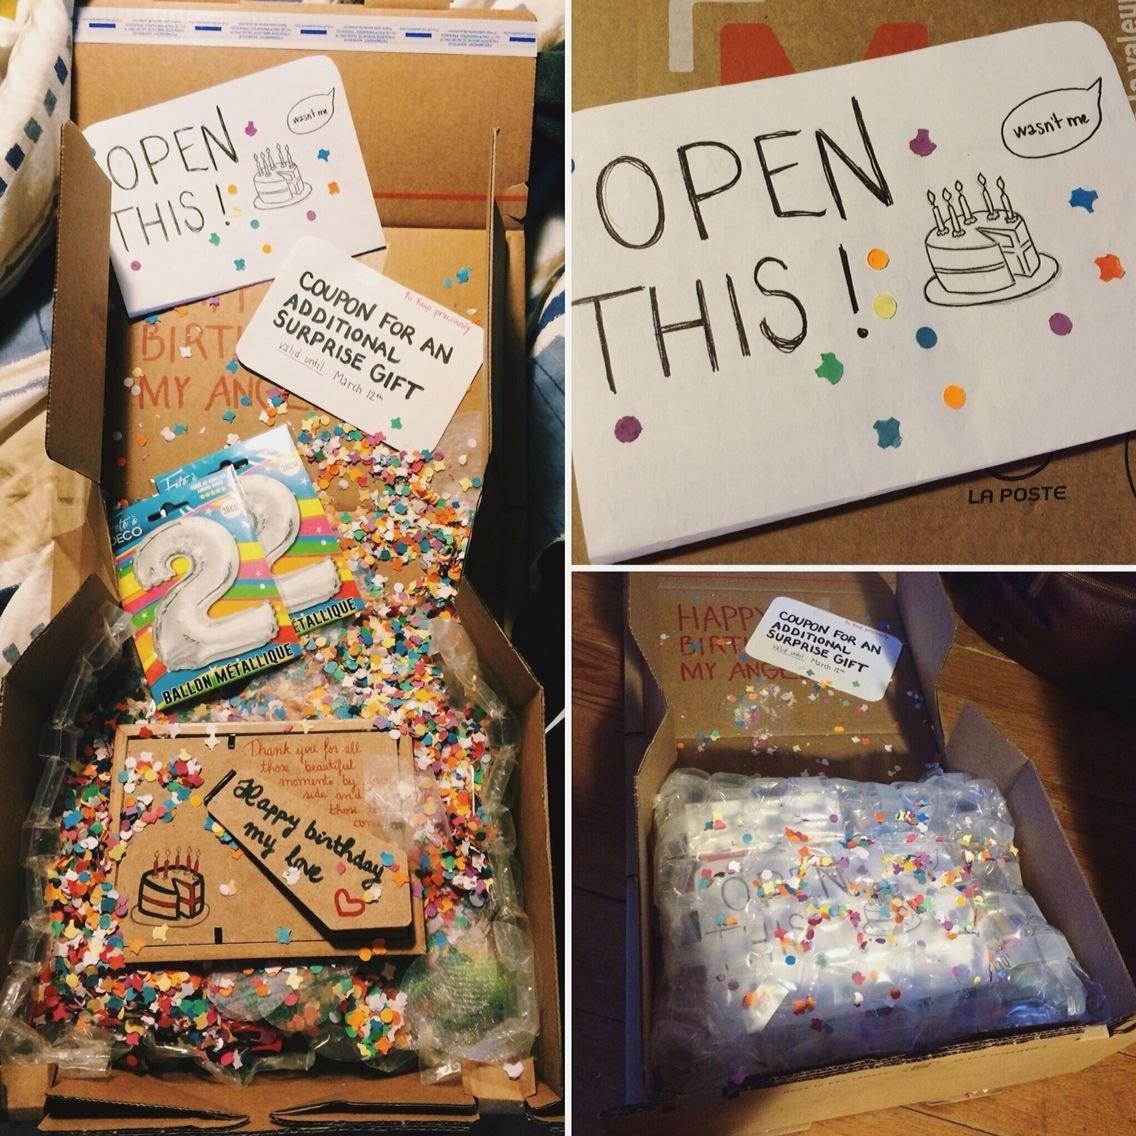 10 Stunning Birthday Ideas For My Boyfriend surprise birthday package for my ldr boyfriend pinteres 1 2021